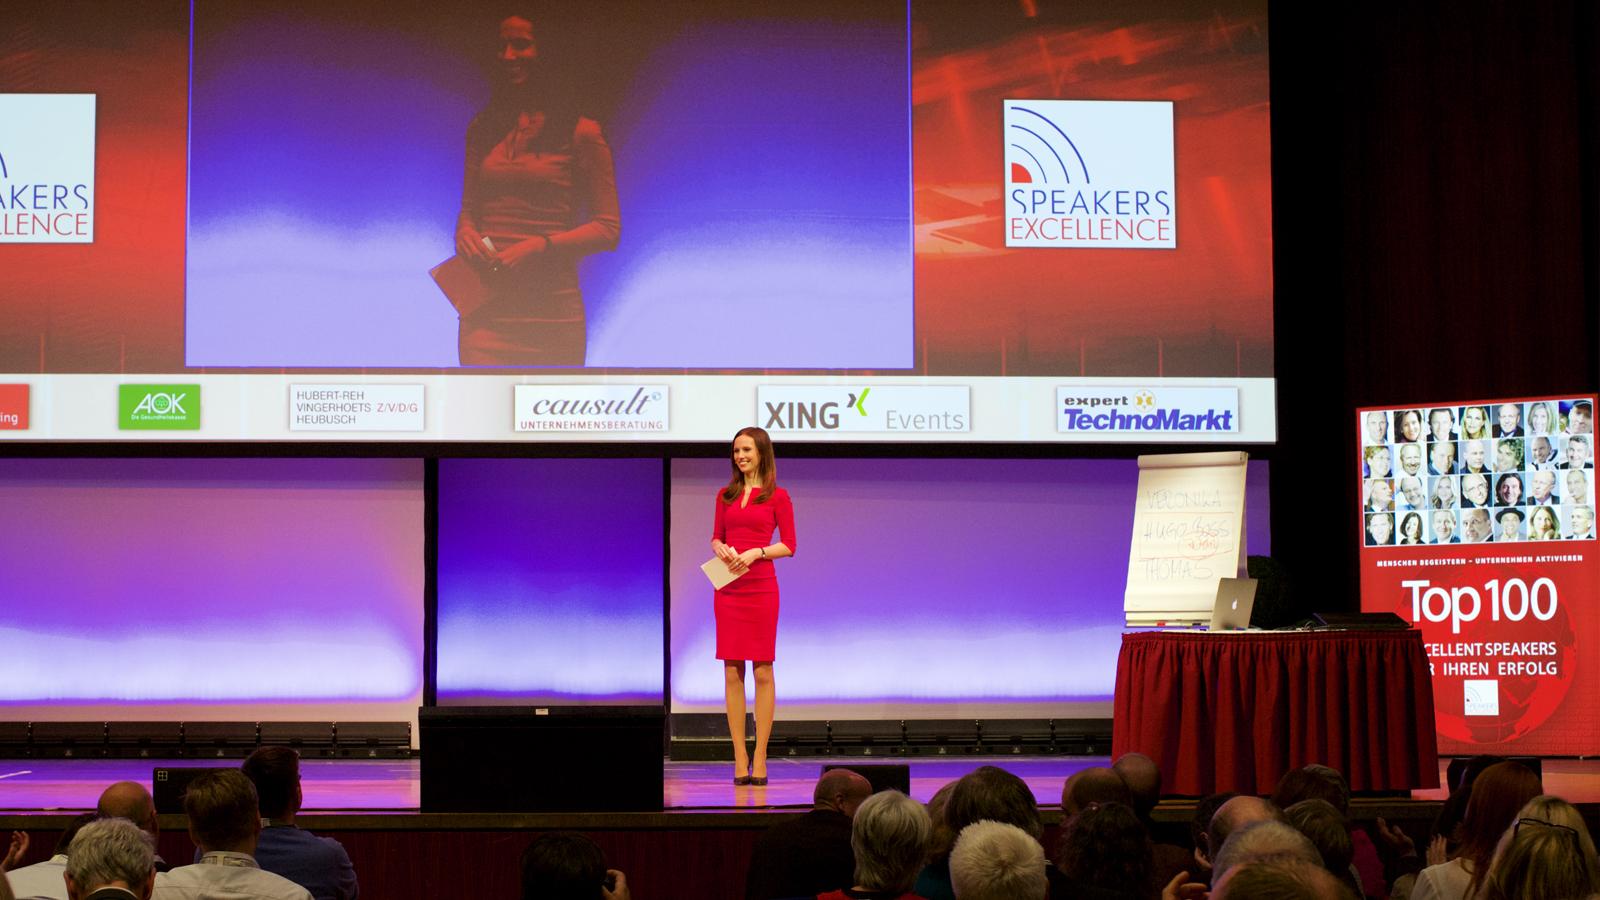 Moderatorin auf Bühne rotes Kleid